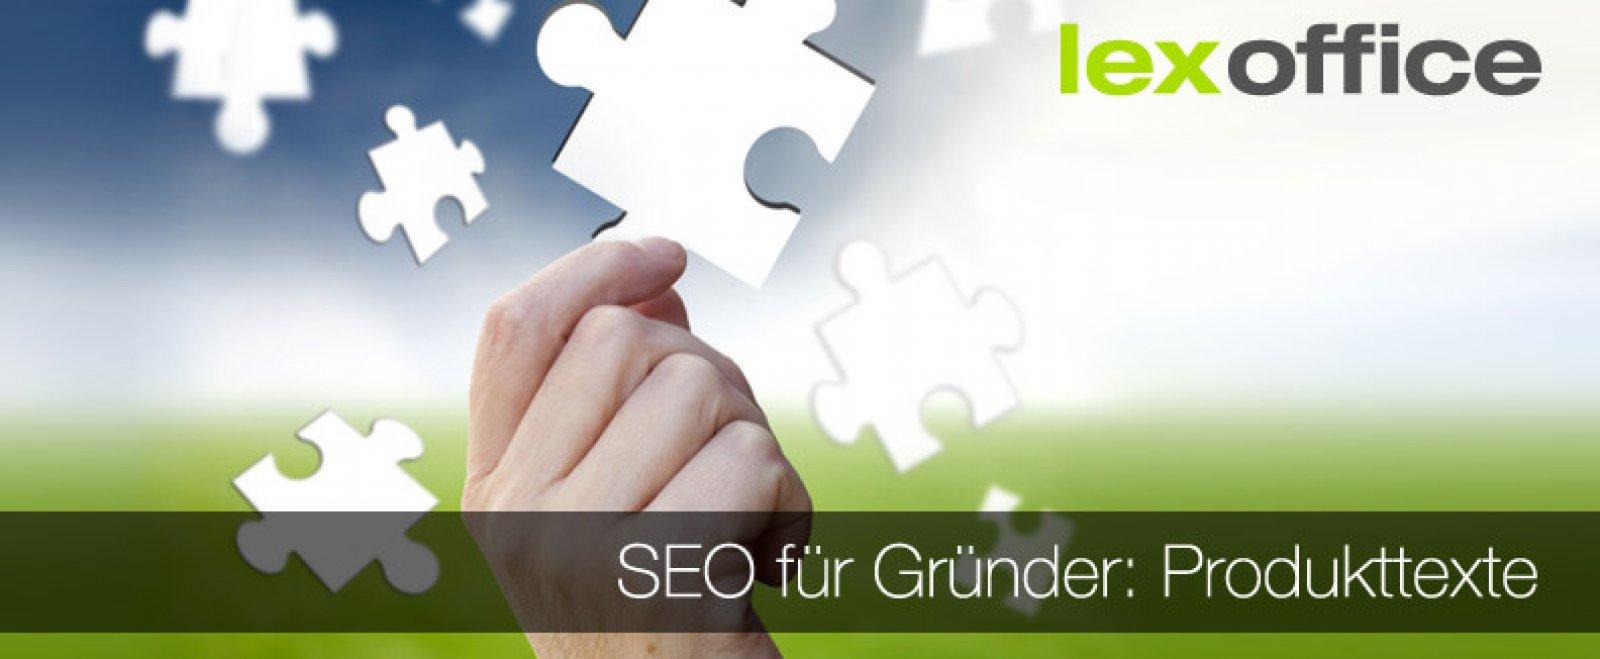 SEO-ABC für Gründer: Suchmaschinenoptimierung für Produkttexte